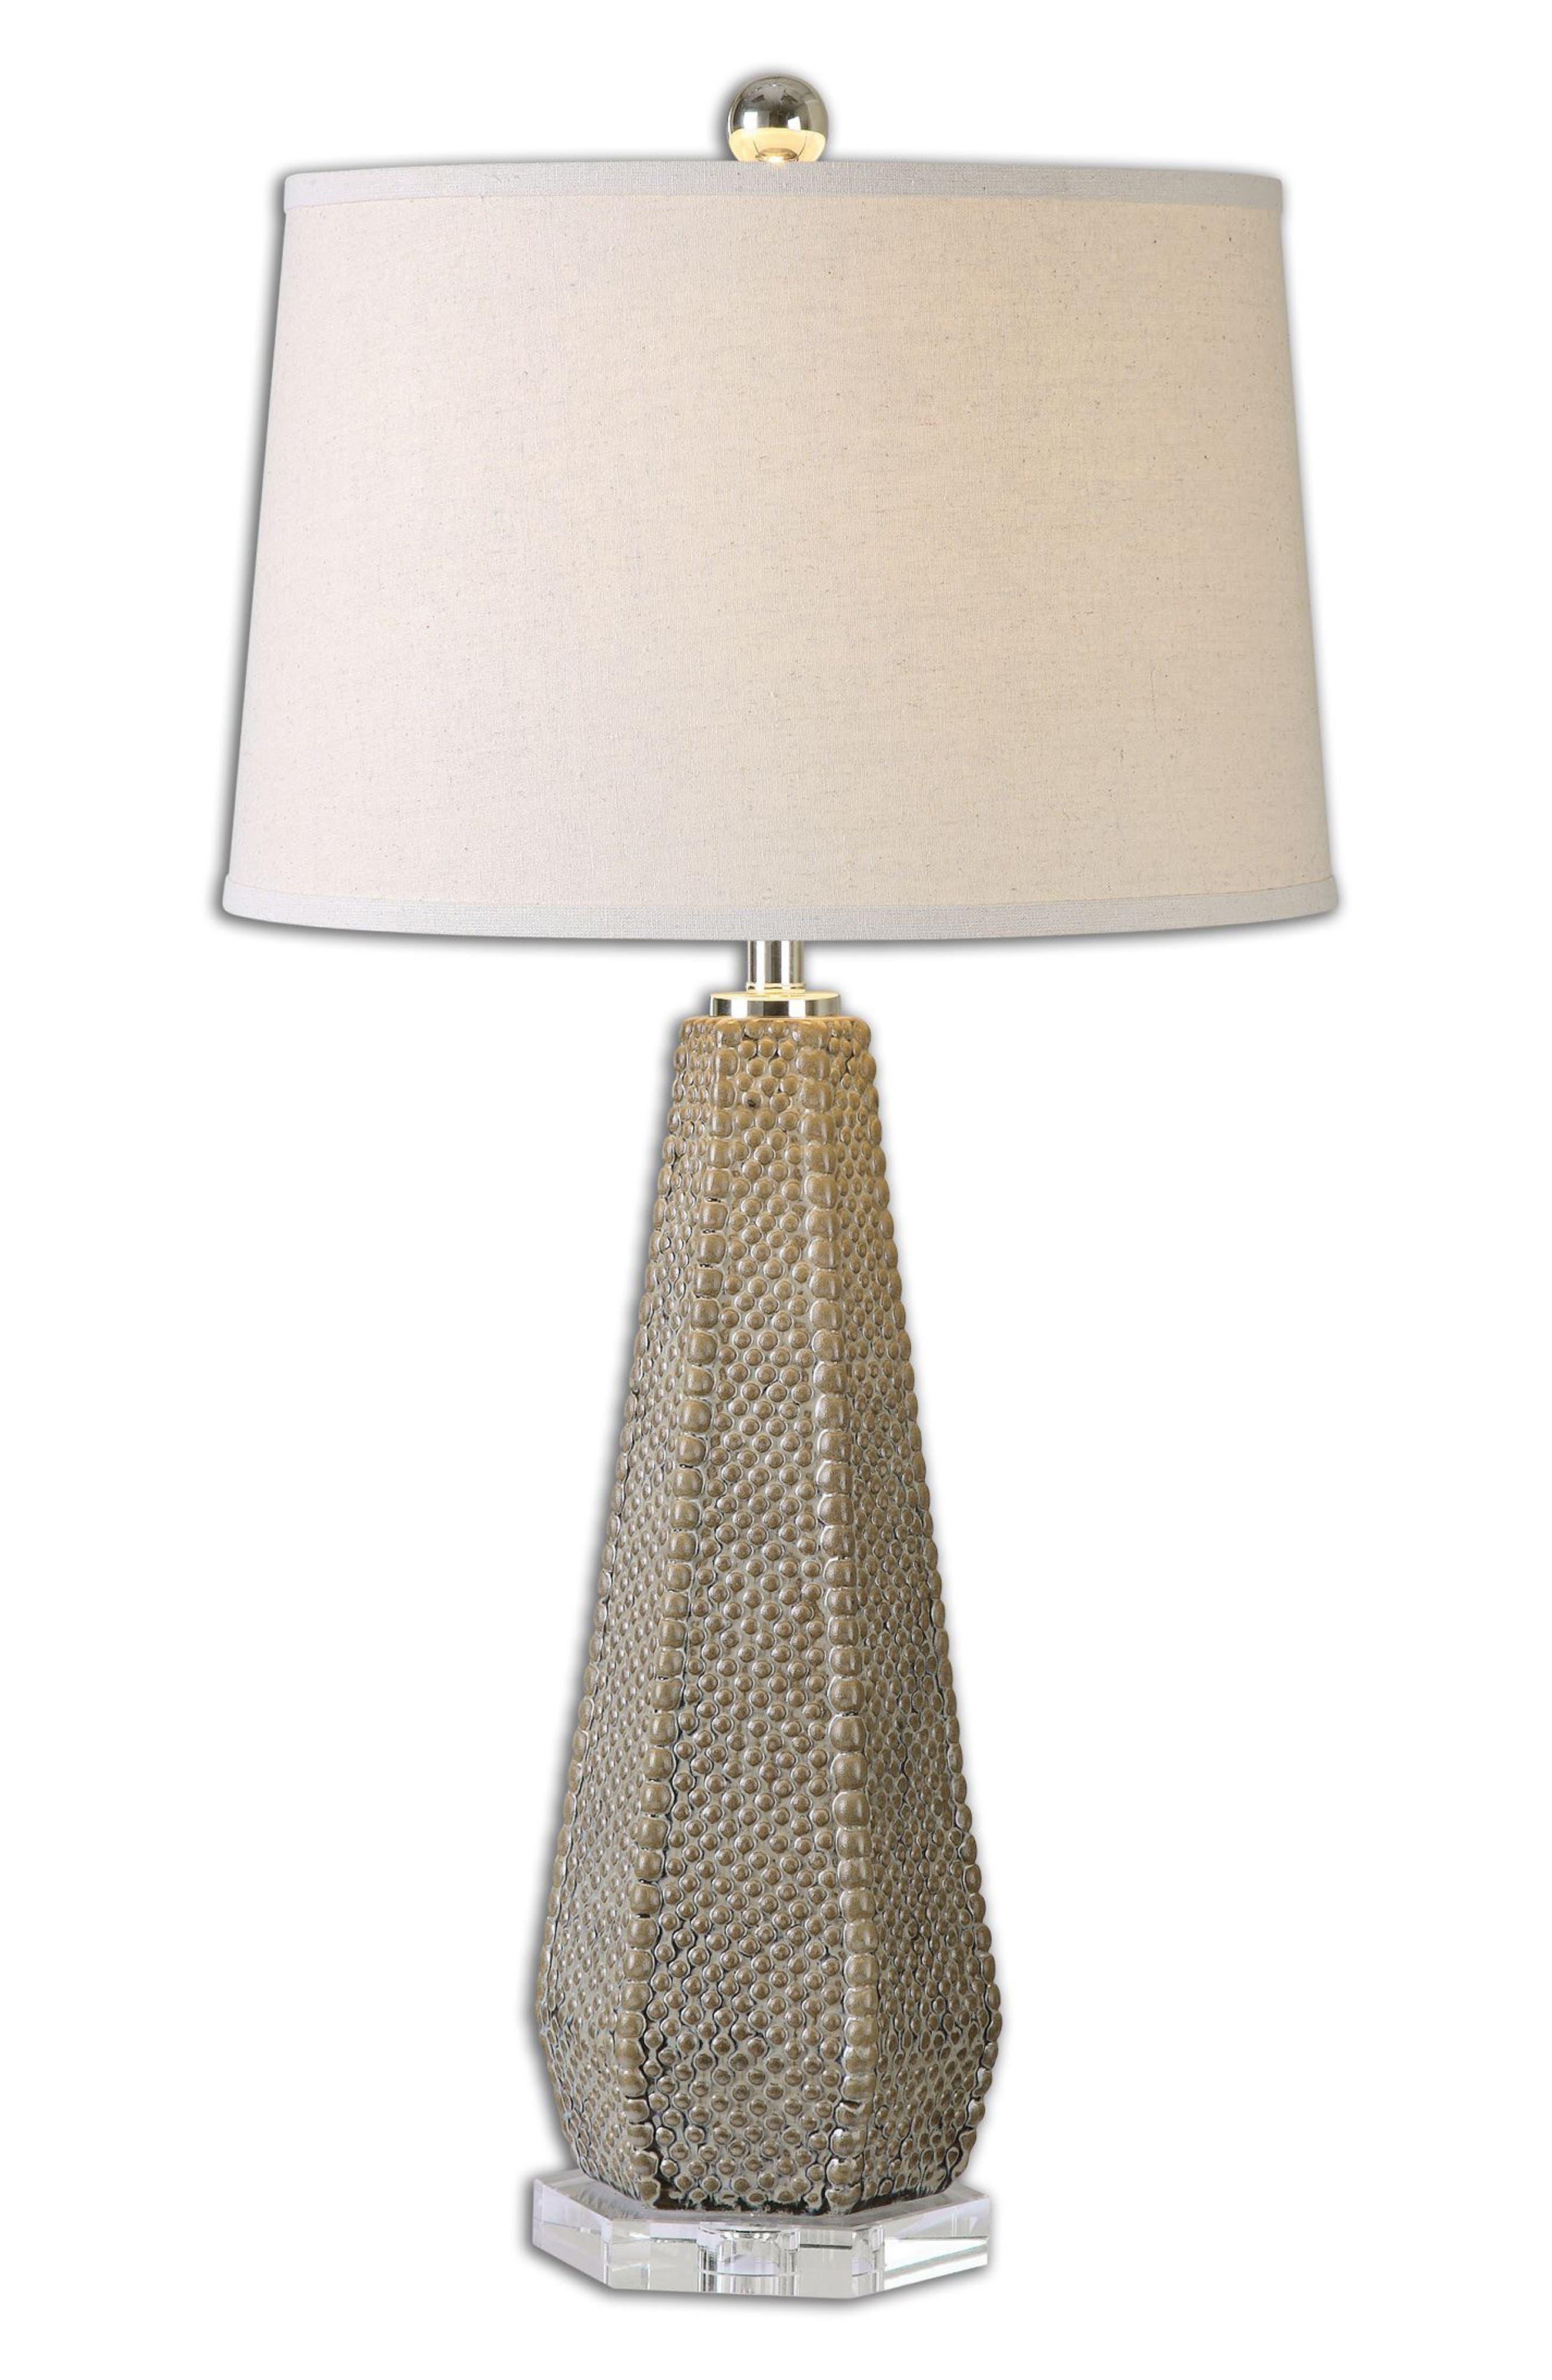 Uttermost Pontius Table Lamp